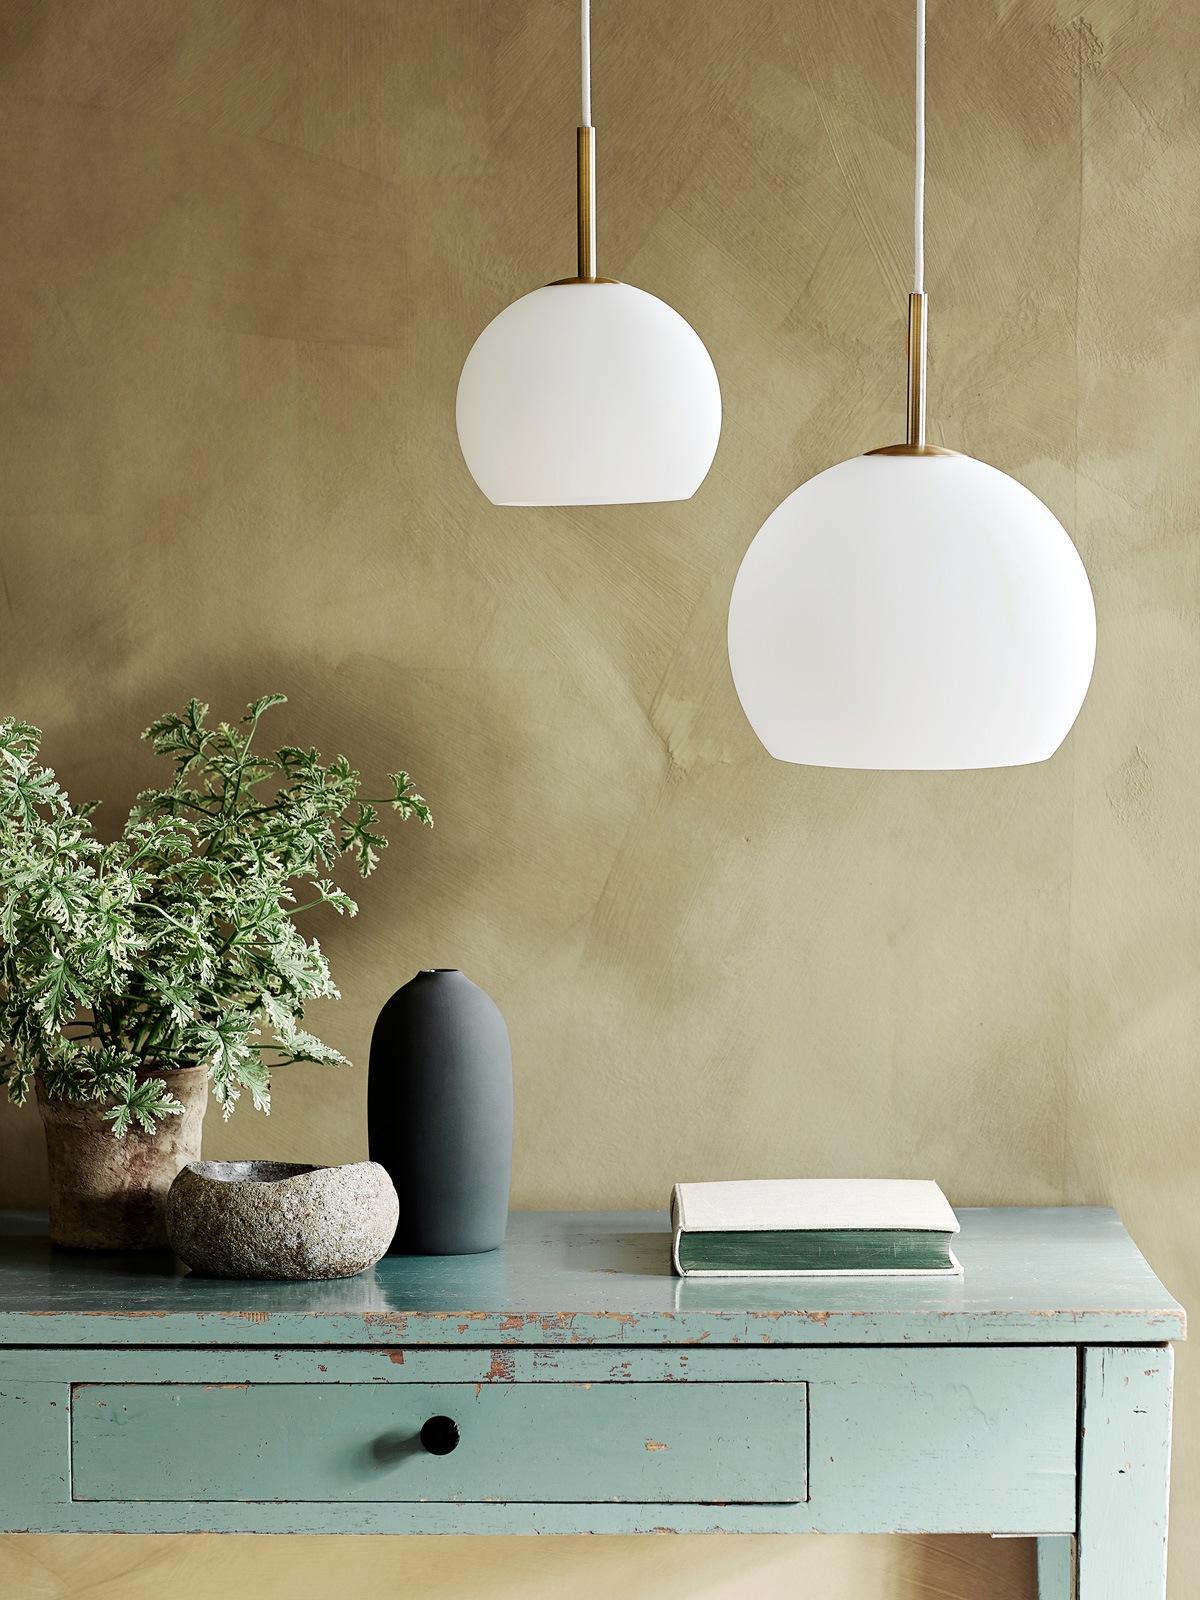 Frandsen Ball Glas Milchglas Lampen DesignOrt Lampen Berlin